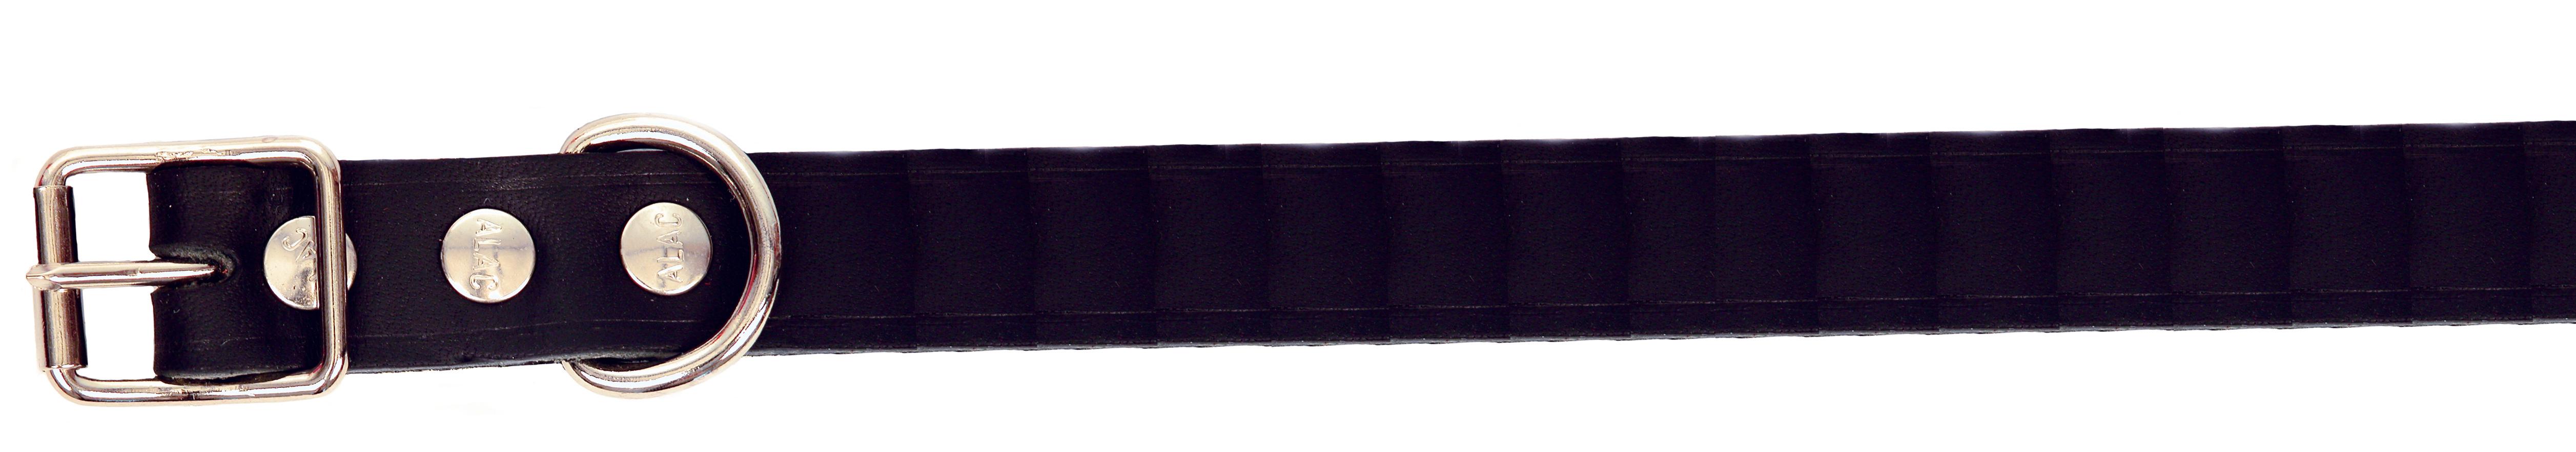 Alac Läderhalsband ställbart M 50cm